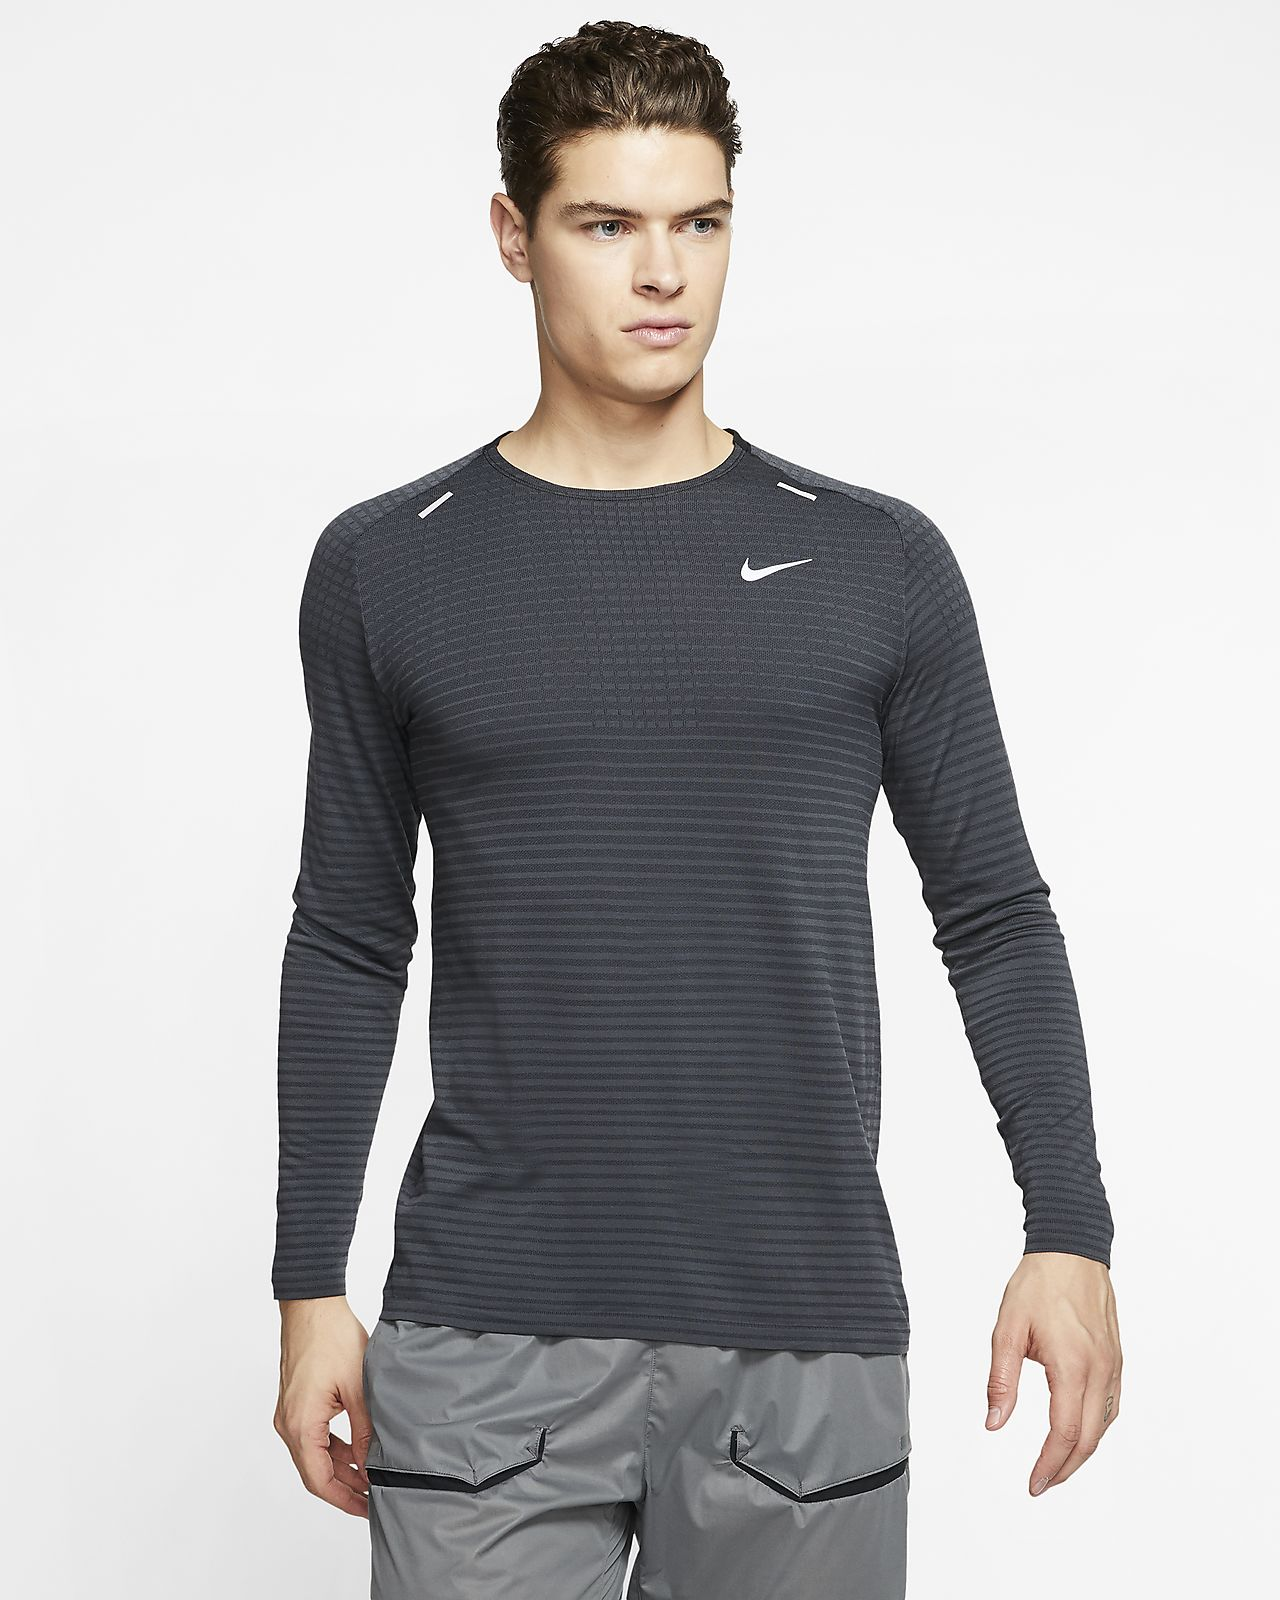 Nike TechKnit Ultra-langærmet løbeoverdel til mænd